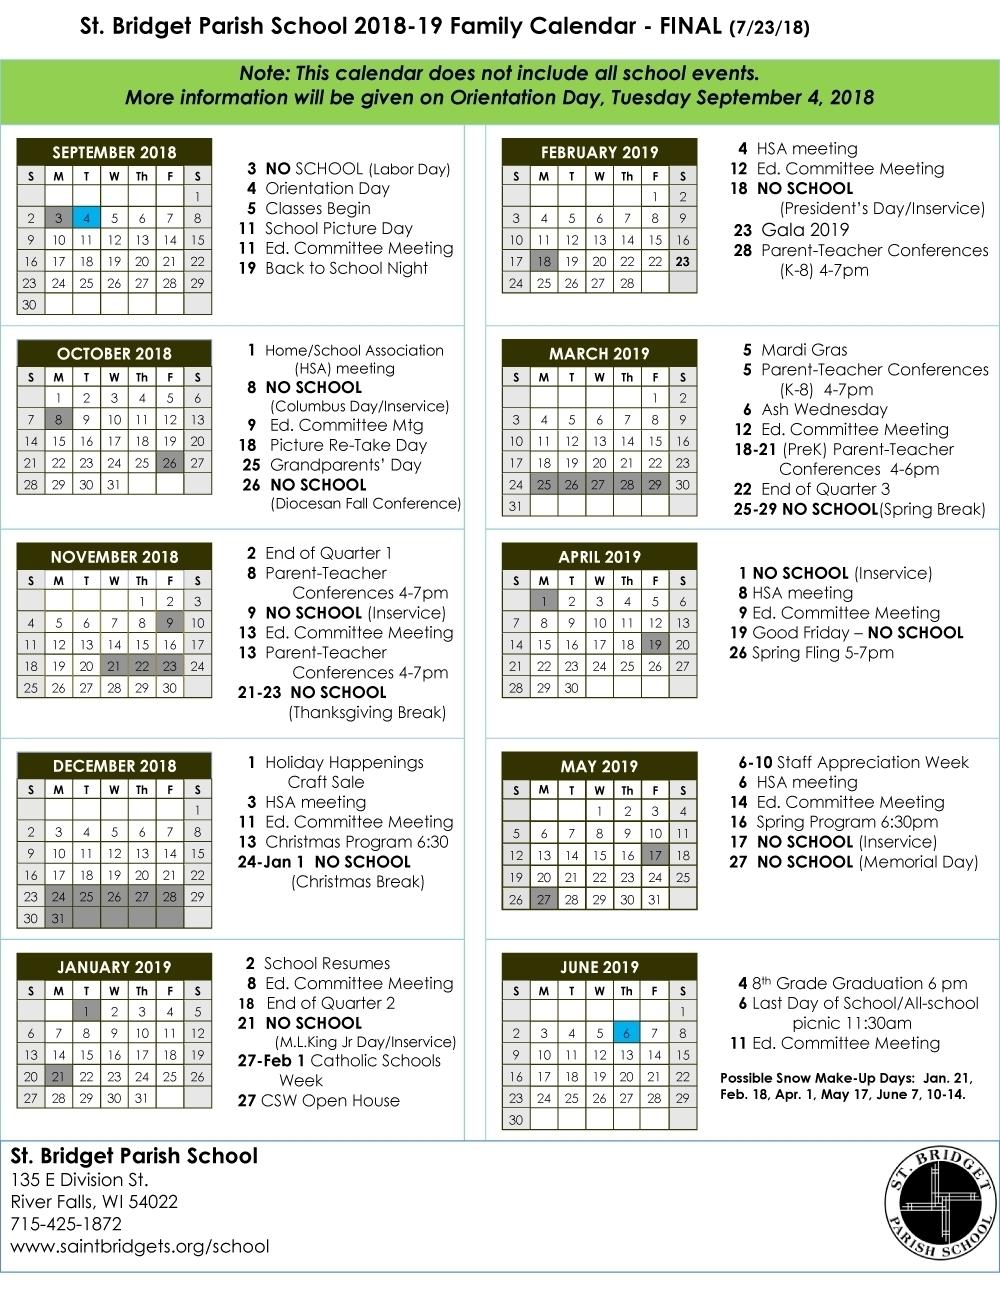 Catholic Liturgical Calendar 2020 Pdf - Calendar Inspiration throughout Catholic Liturgical Calendar Free Printable 2020